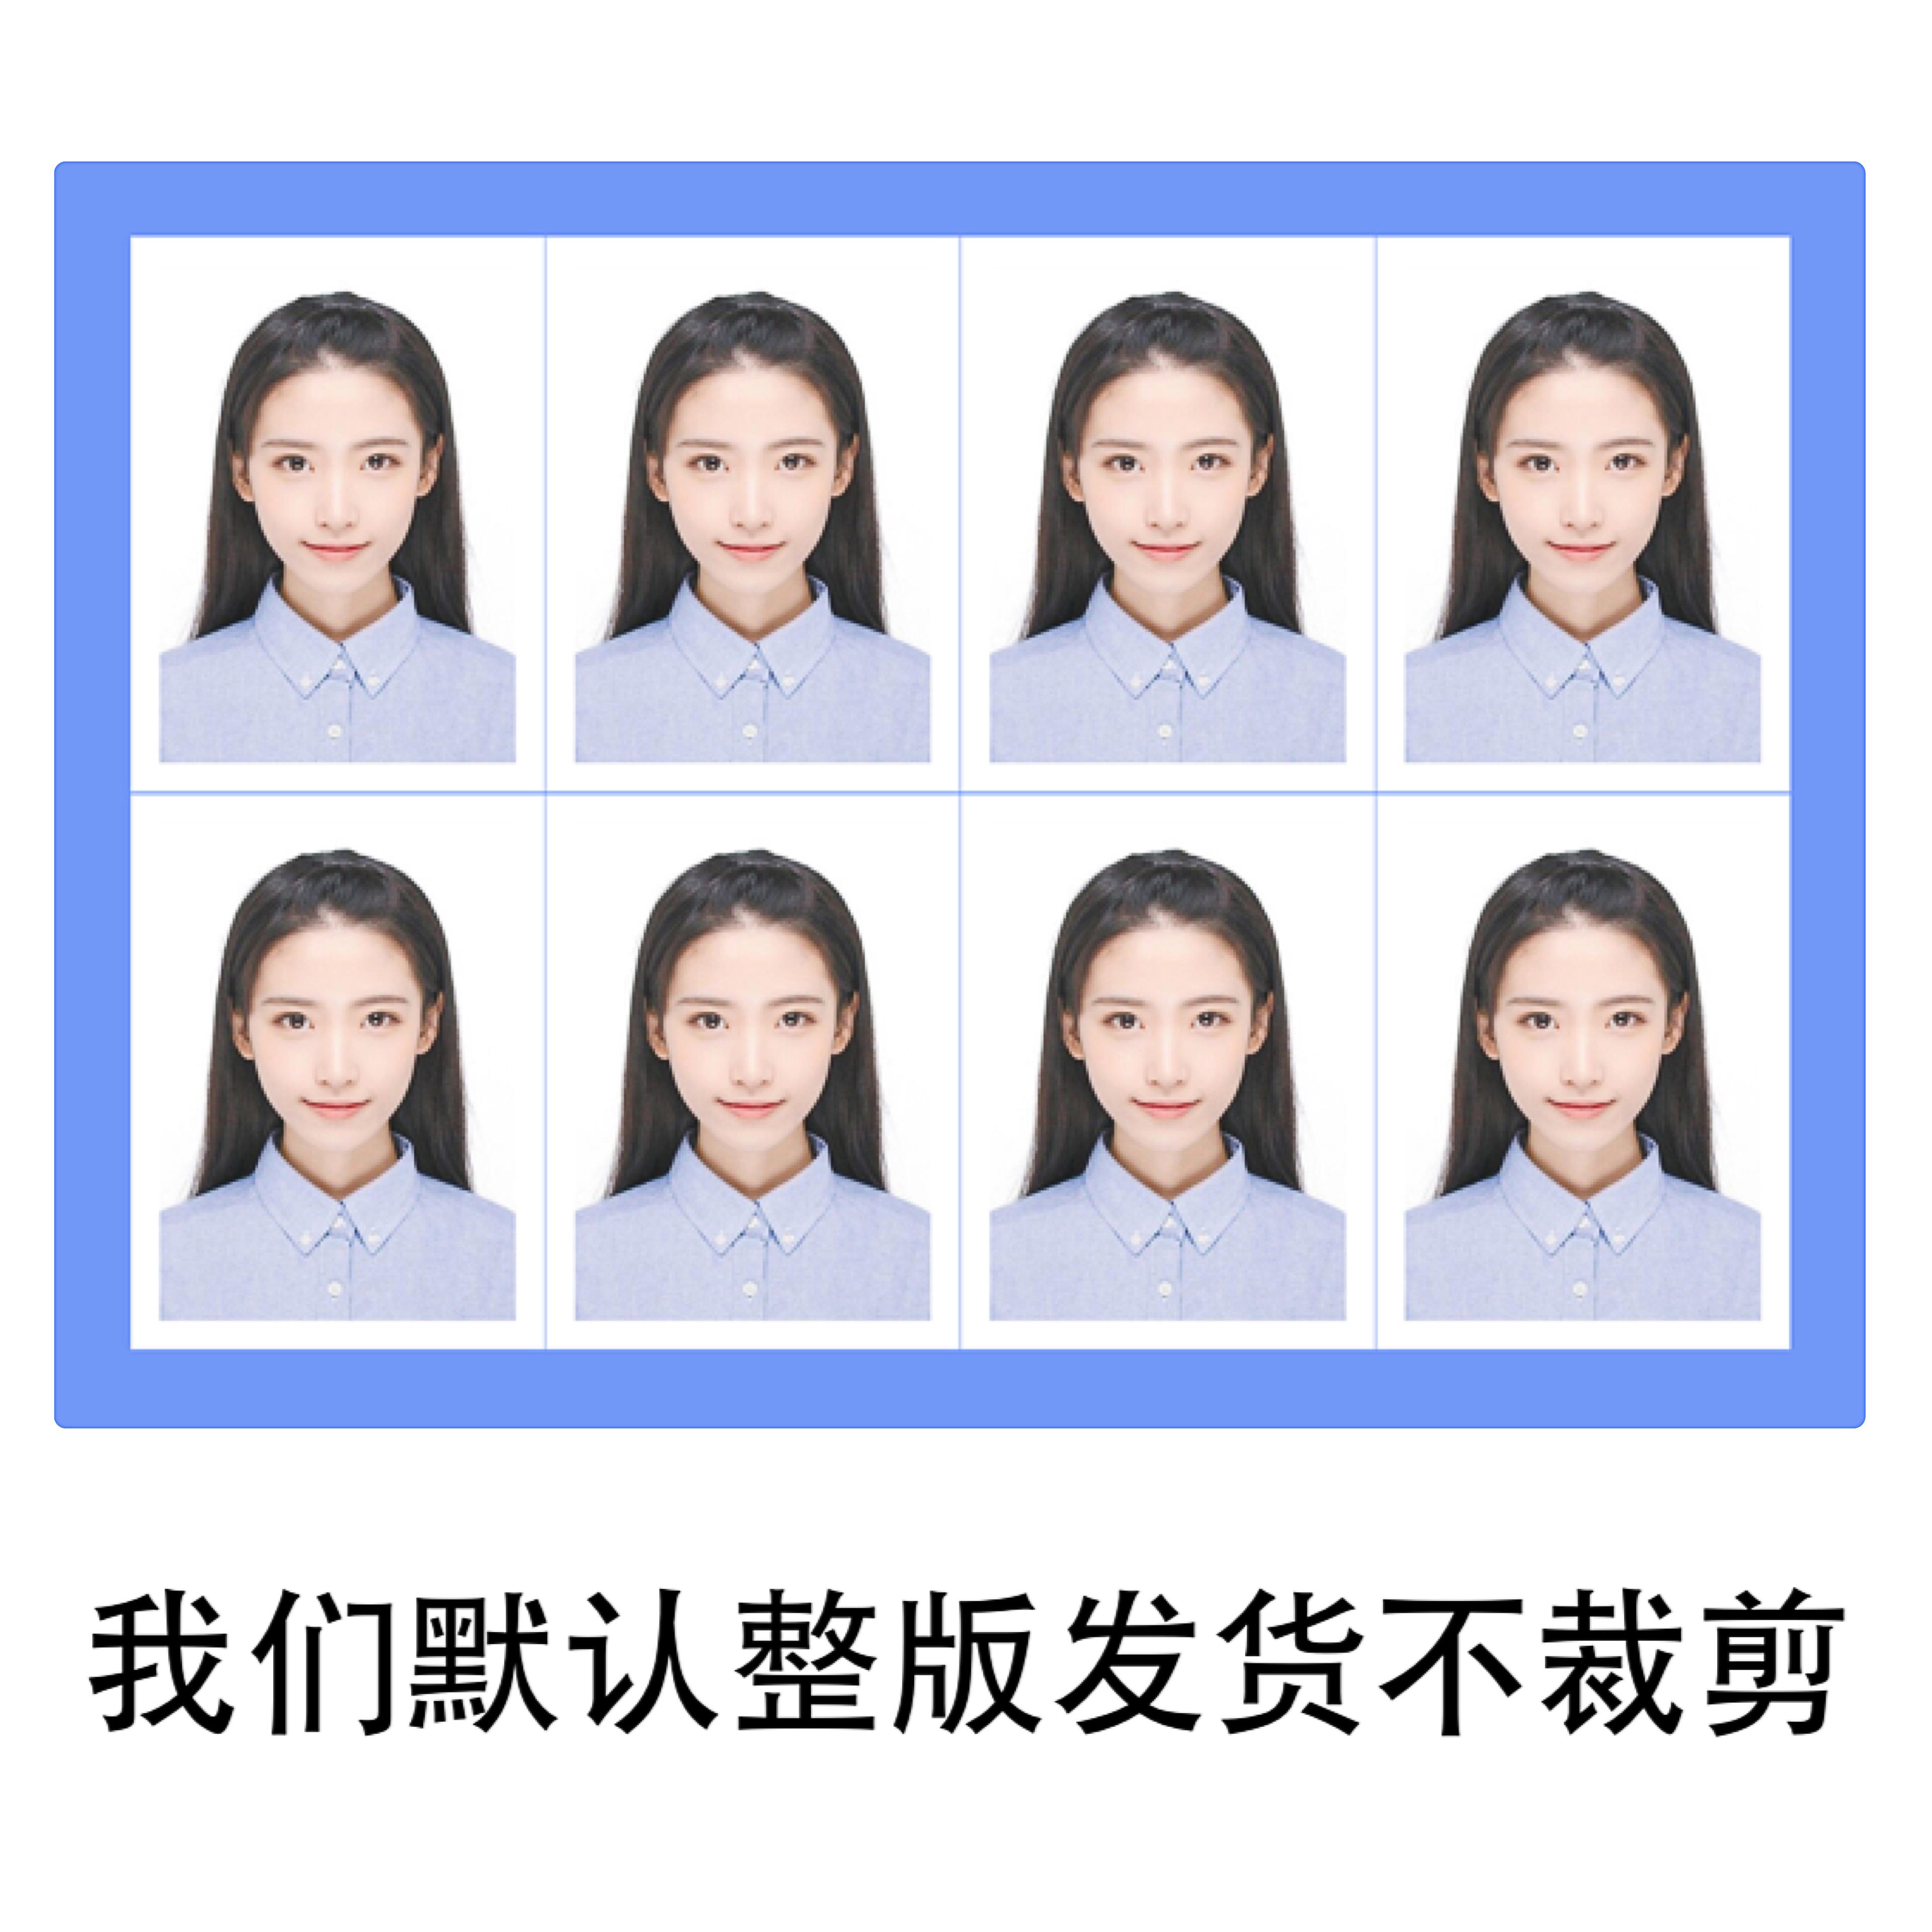 证件照片冲洗冲印 单寸照大小1寸2寸一寸二寸照 毕业照签证照护照图片